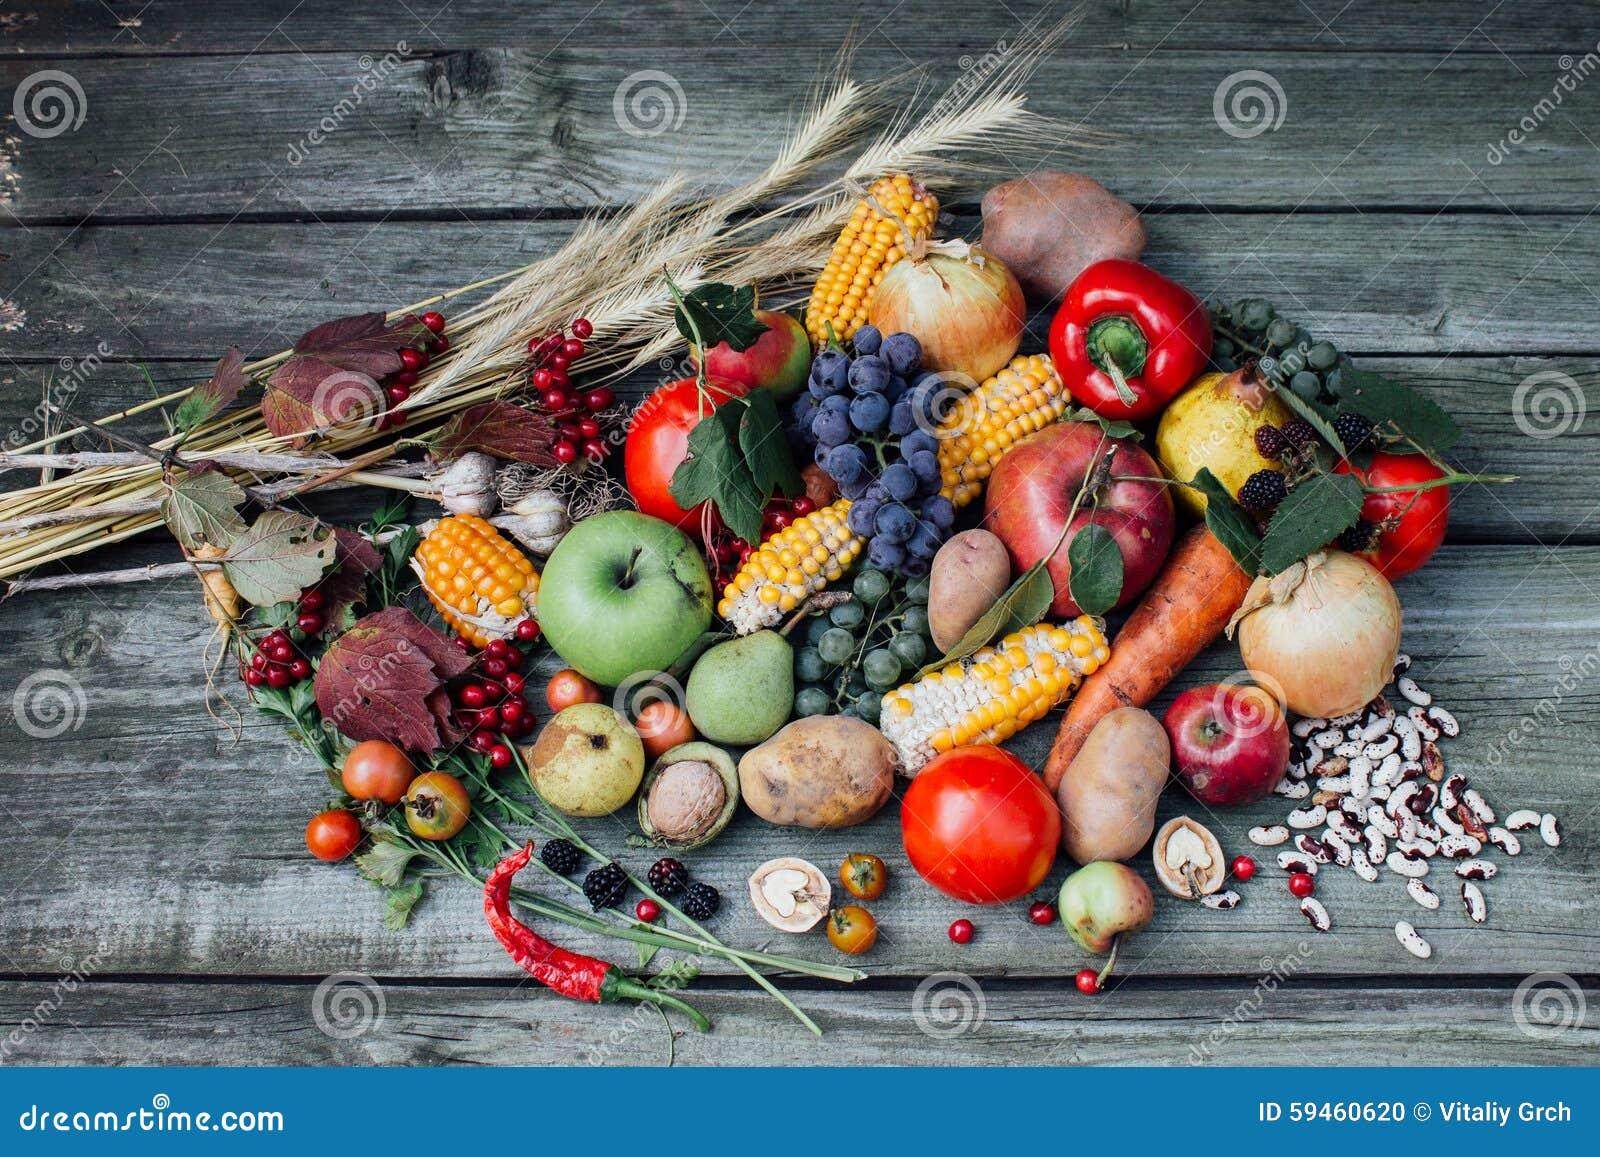 Fruits et l gumes de r colte d 39 automne photo stock image 59460620 - Fruits et legumes de a a z ...